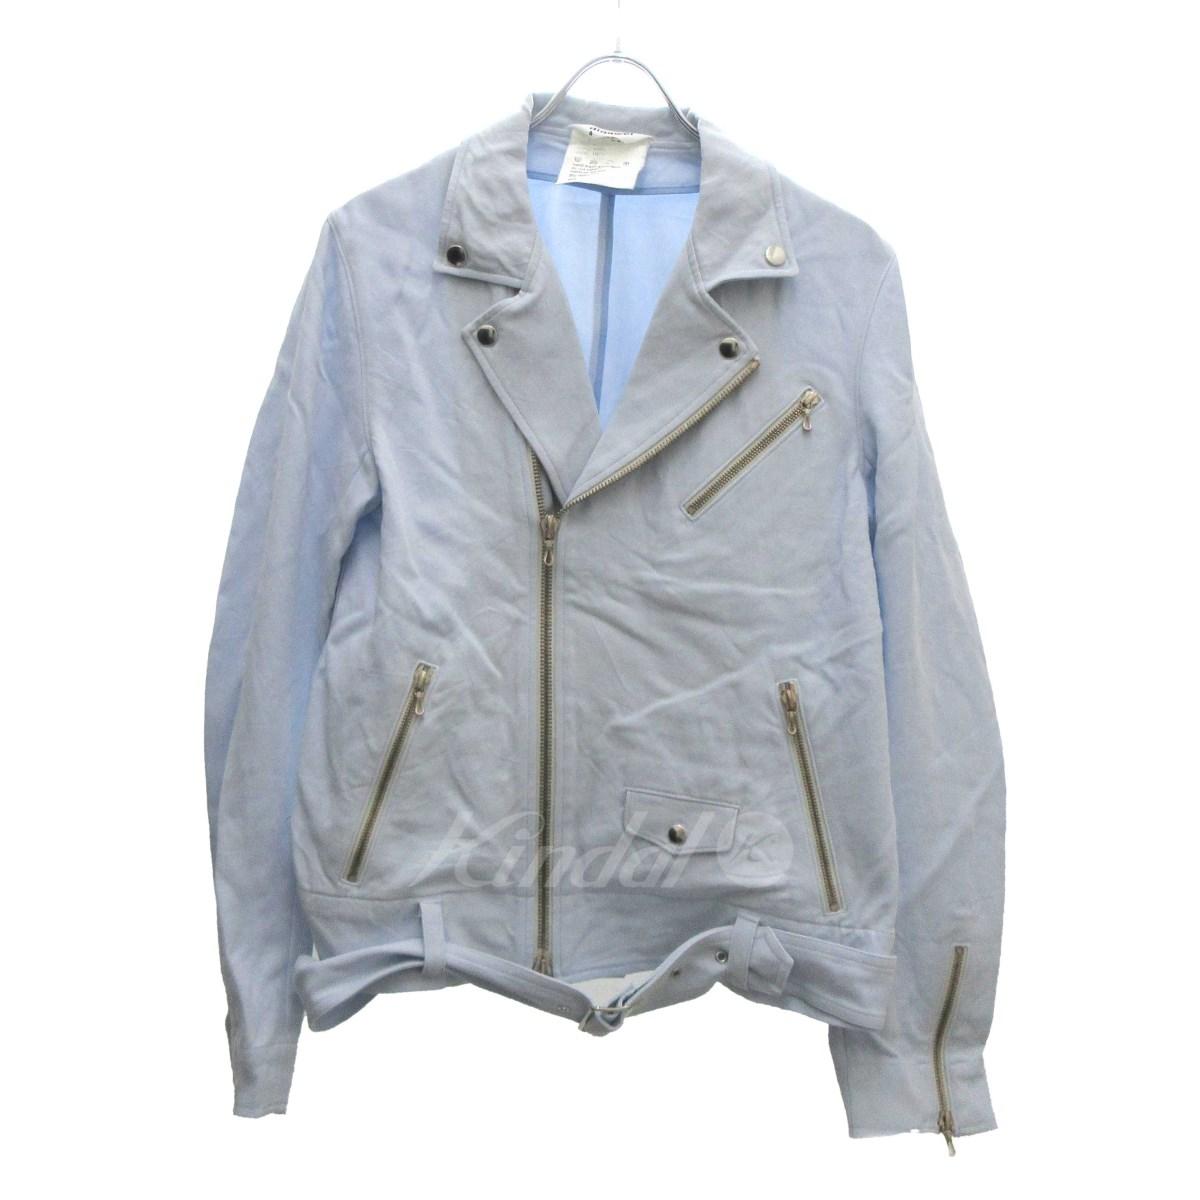 【中古】DIGAWEL4 コットンライダースジャケット ブルー サイズ:1 【240220】(ディガウェル4)